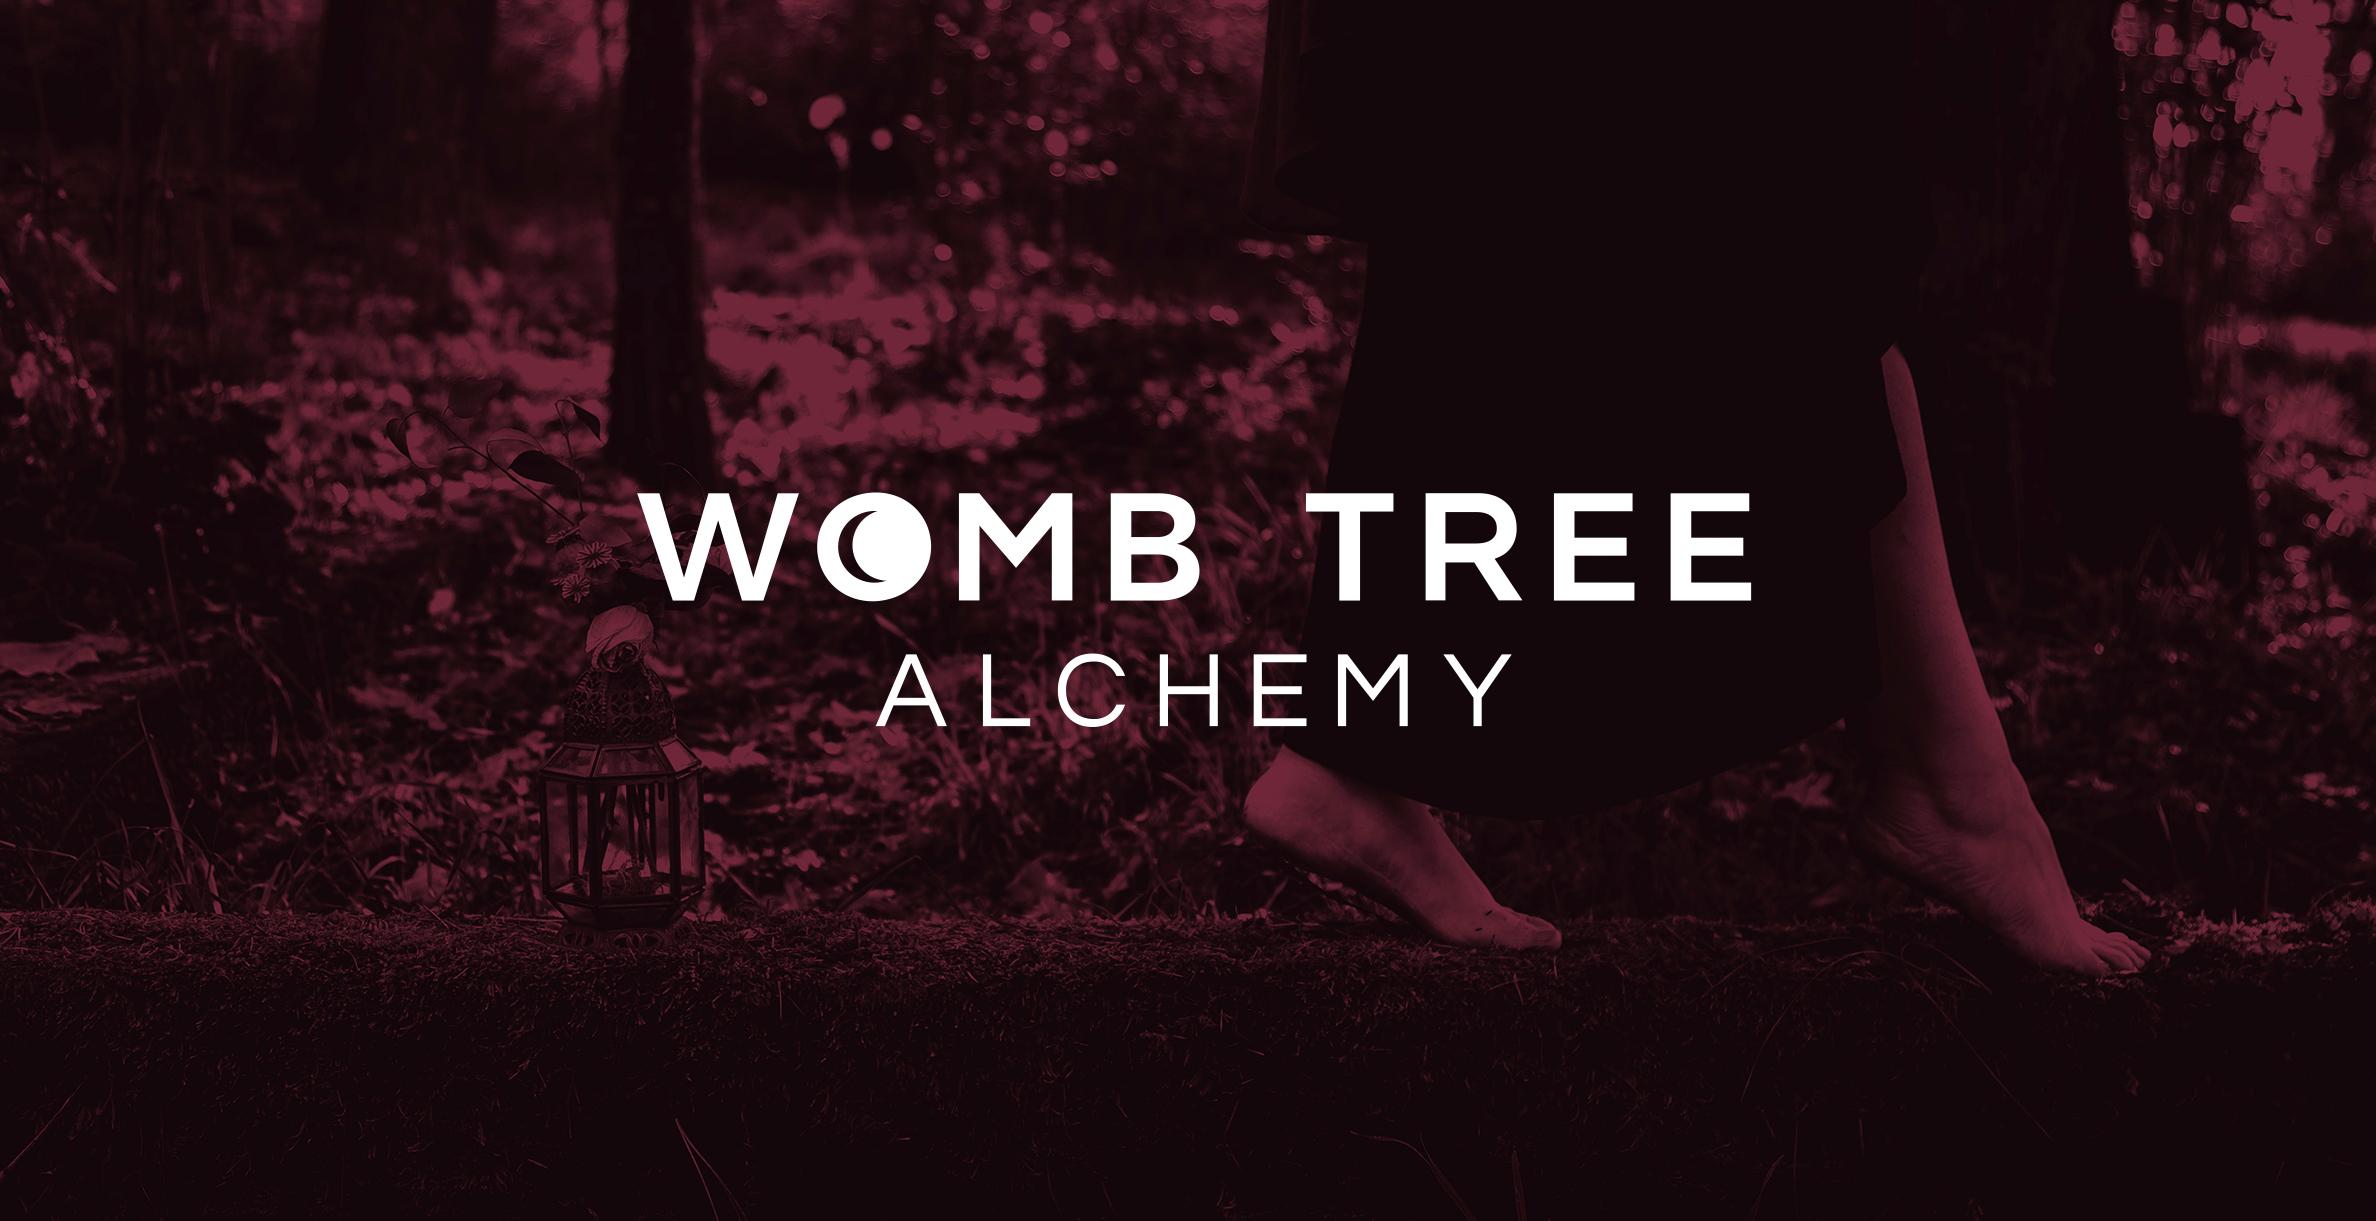 womb-tree-alchemy